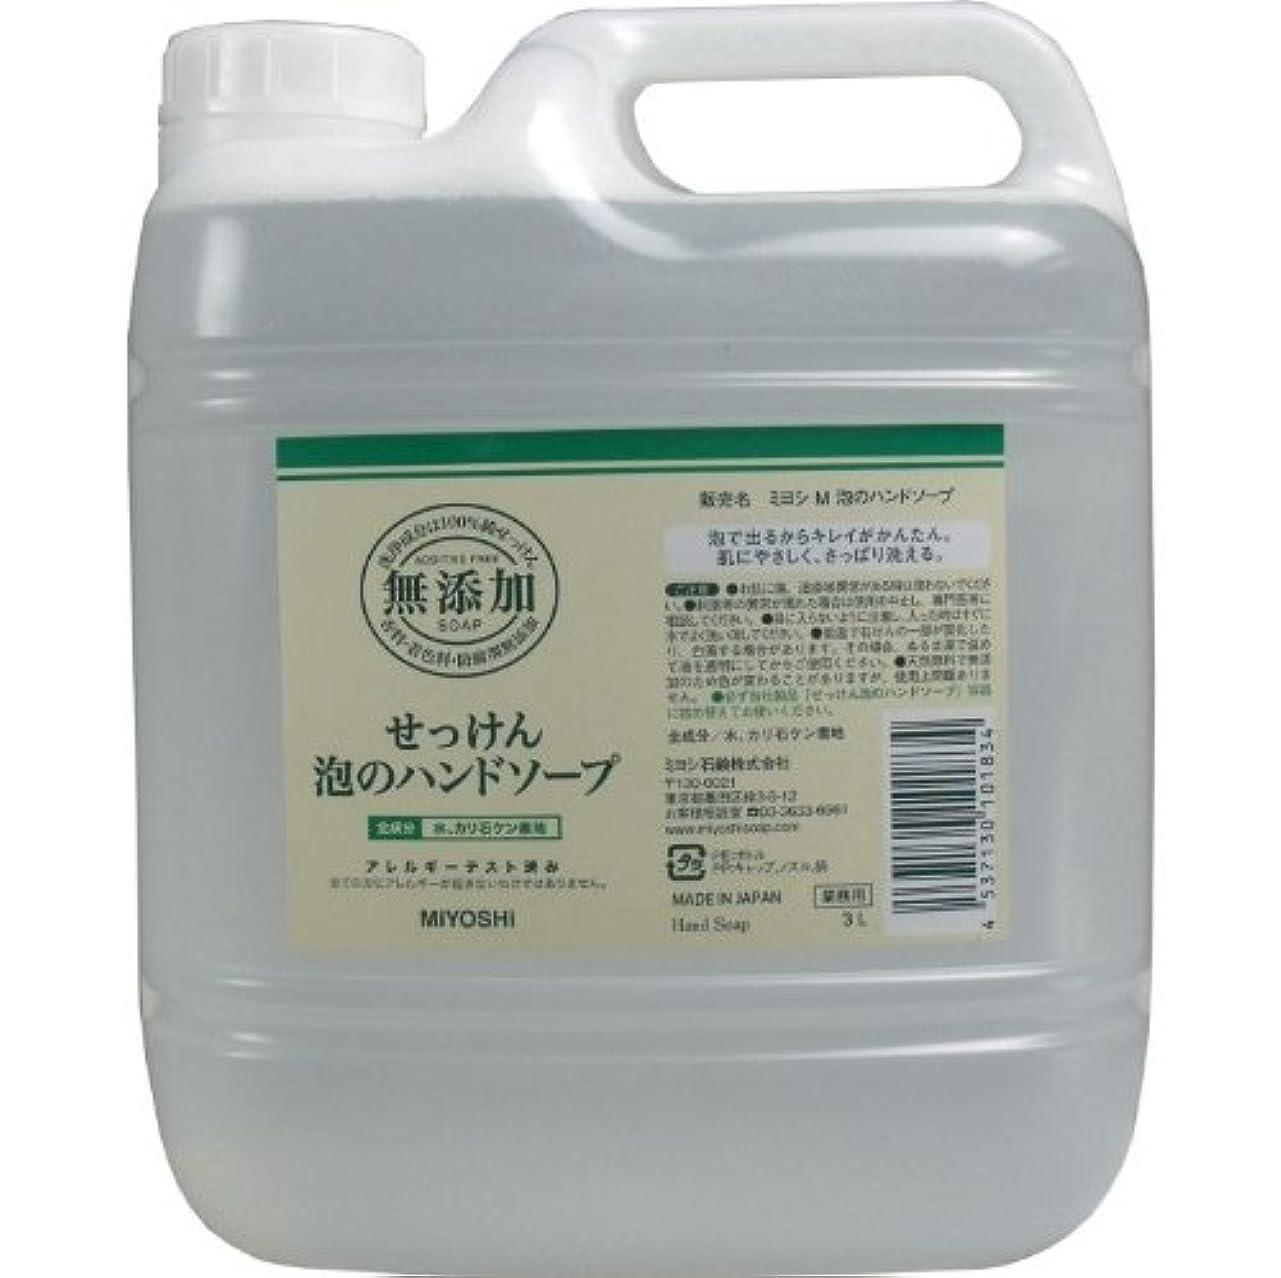 無力タンパク質口径泡で出るからキレイが簡単!家事の間のサッと洗いも簡単!香料、着色料、防腐剤無添加!(業務用)3L【3個セット】